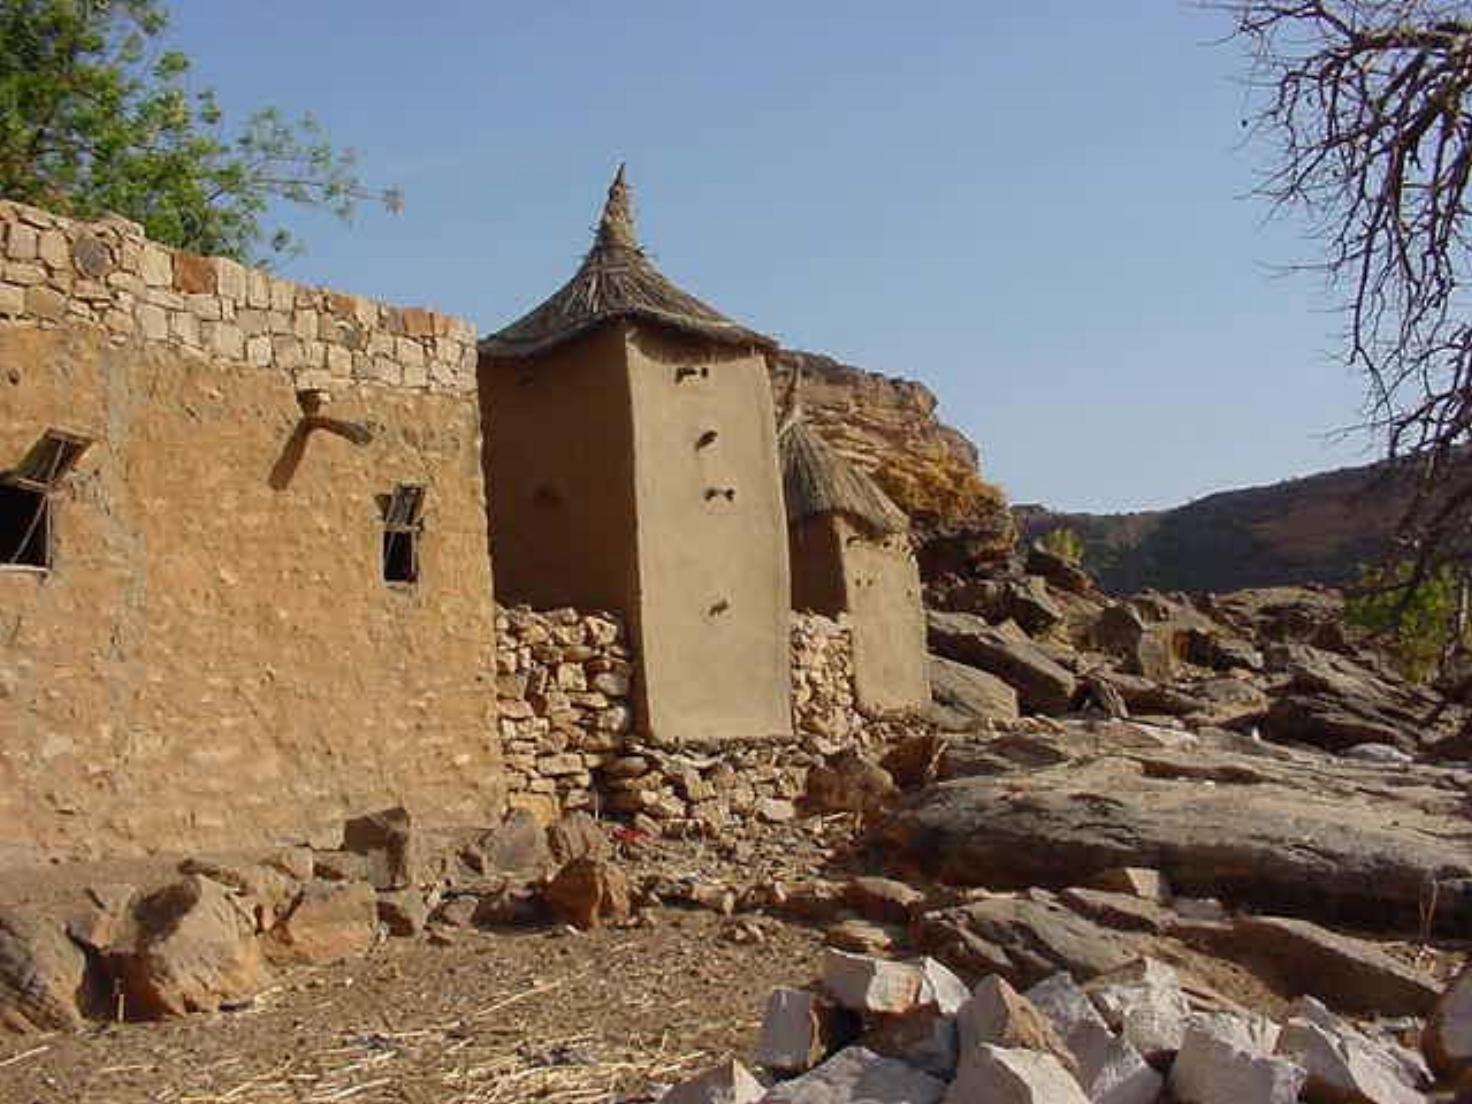 Dogon Huts